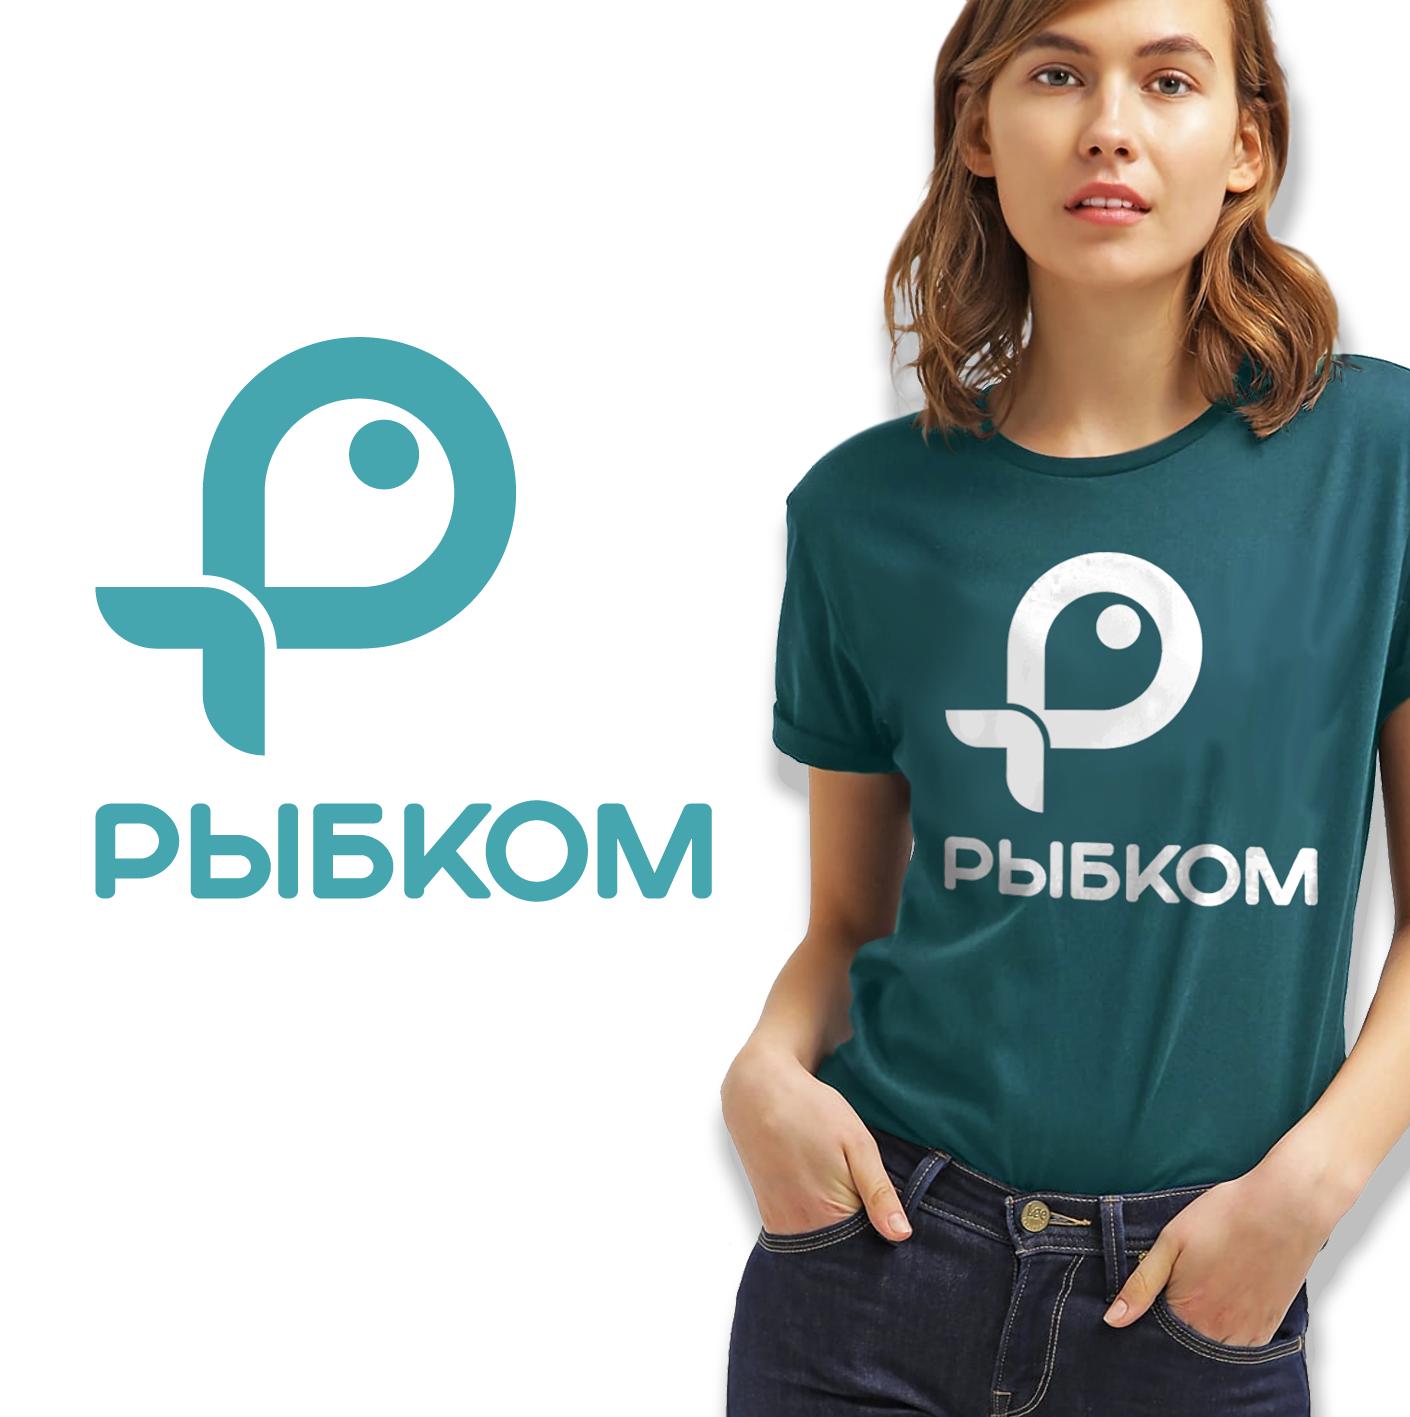 Создание логотипа и брэндбука для компании РЫБКОМ фото f_9135c13fa62efdcf.png